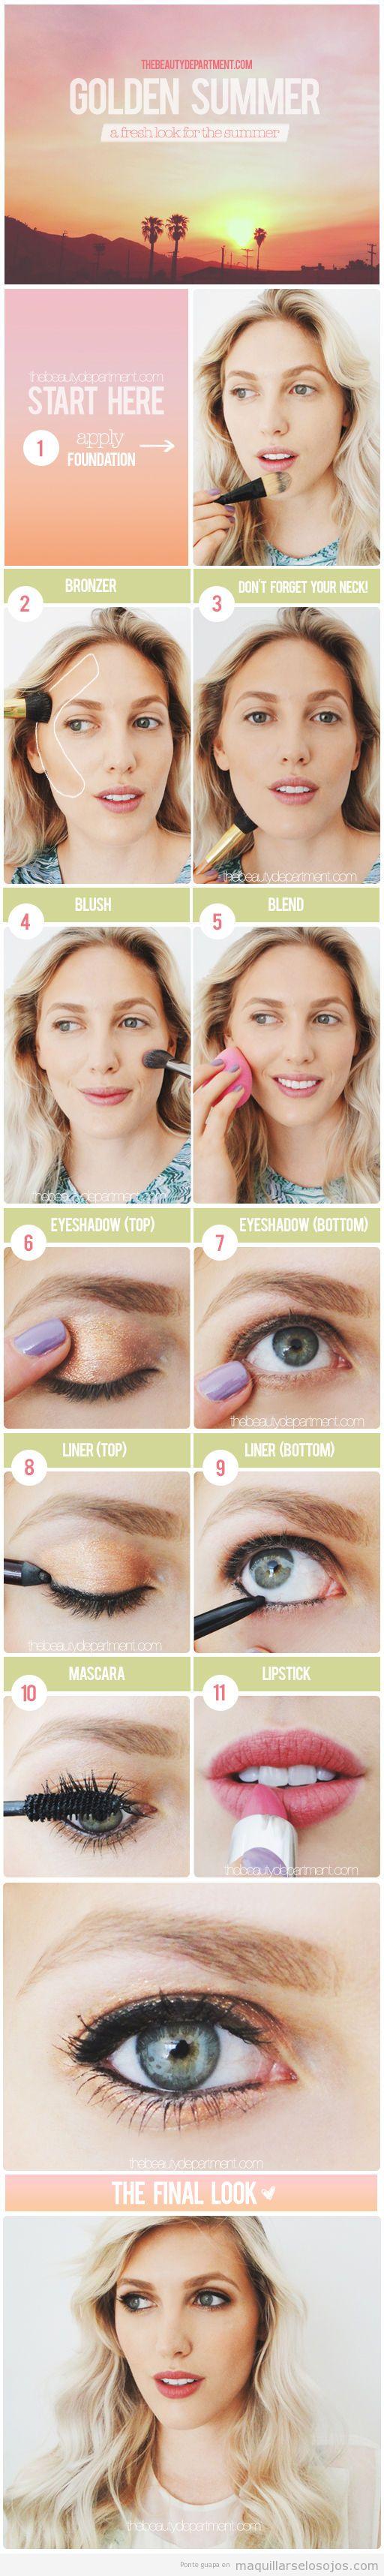 Tutorial maquillaje ojos verano en tonos dorados